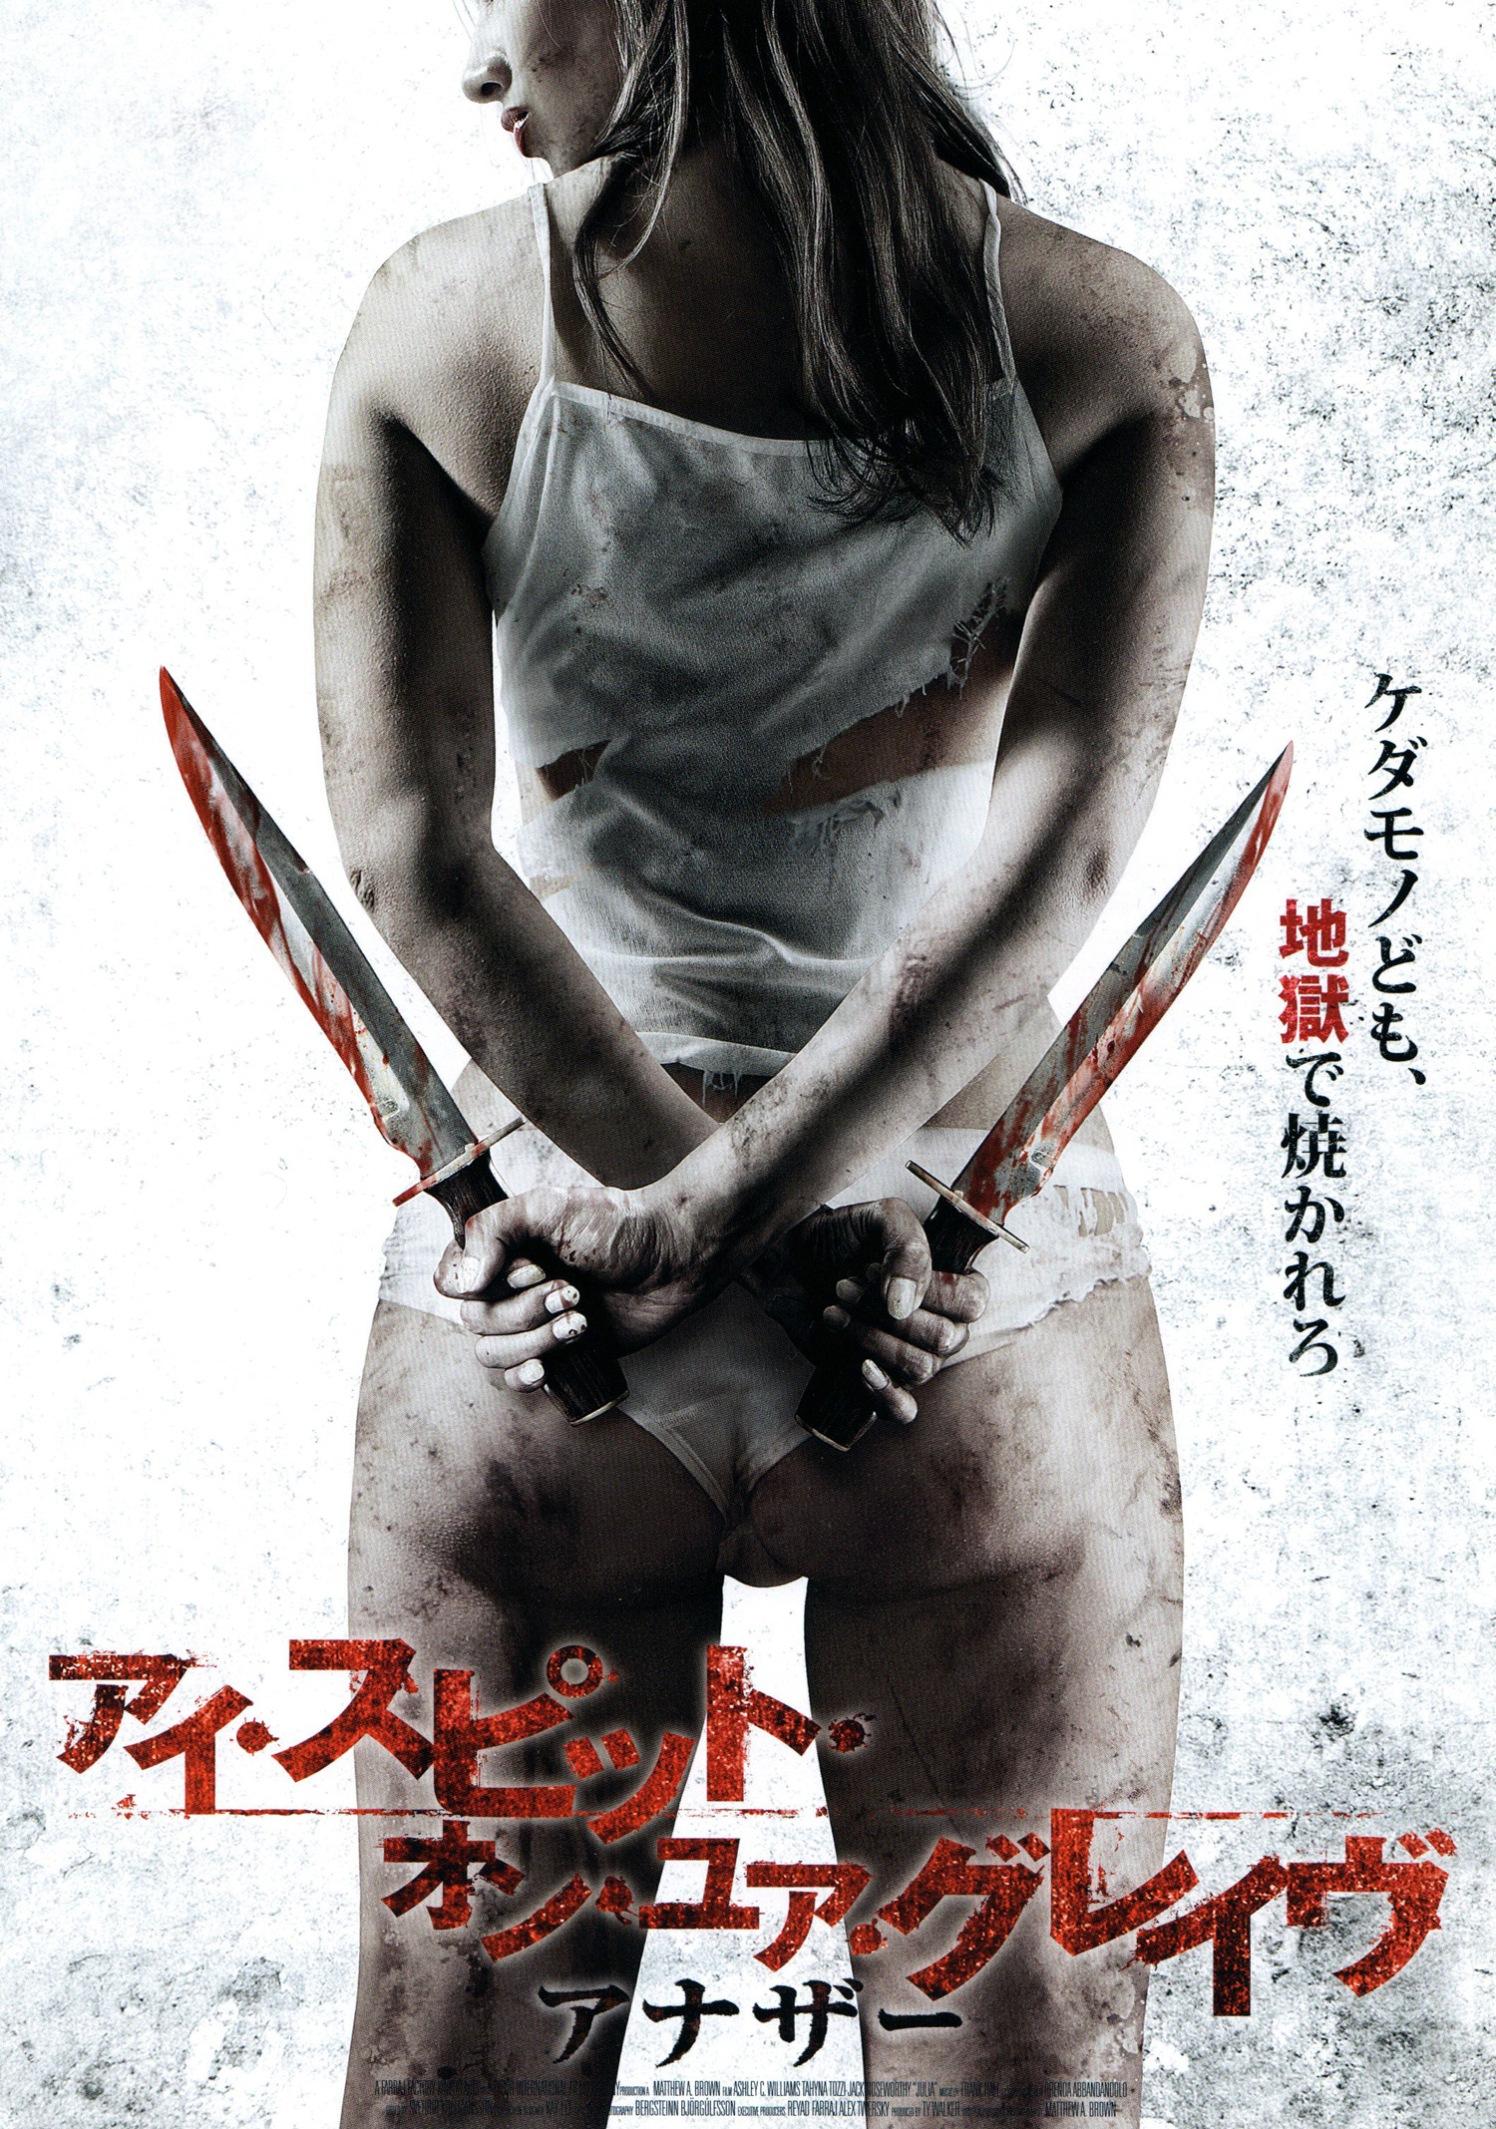 ispitonyourgrave2-japan-1